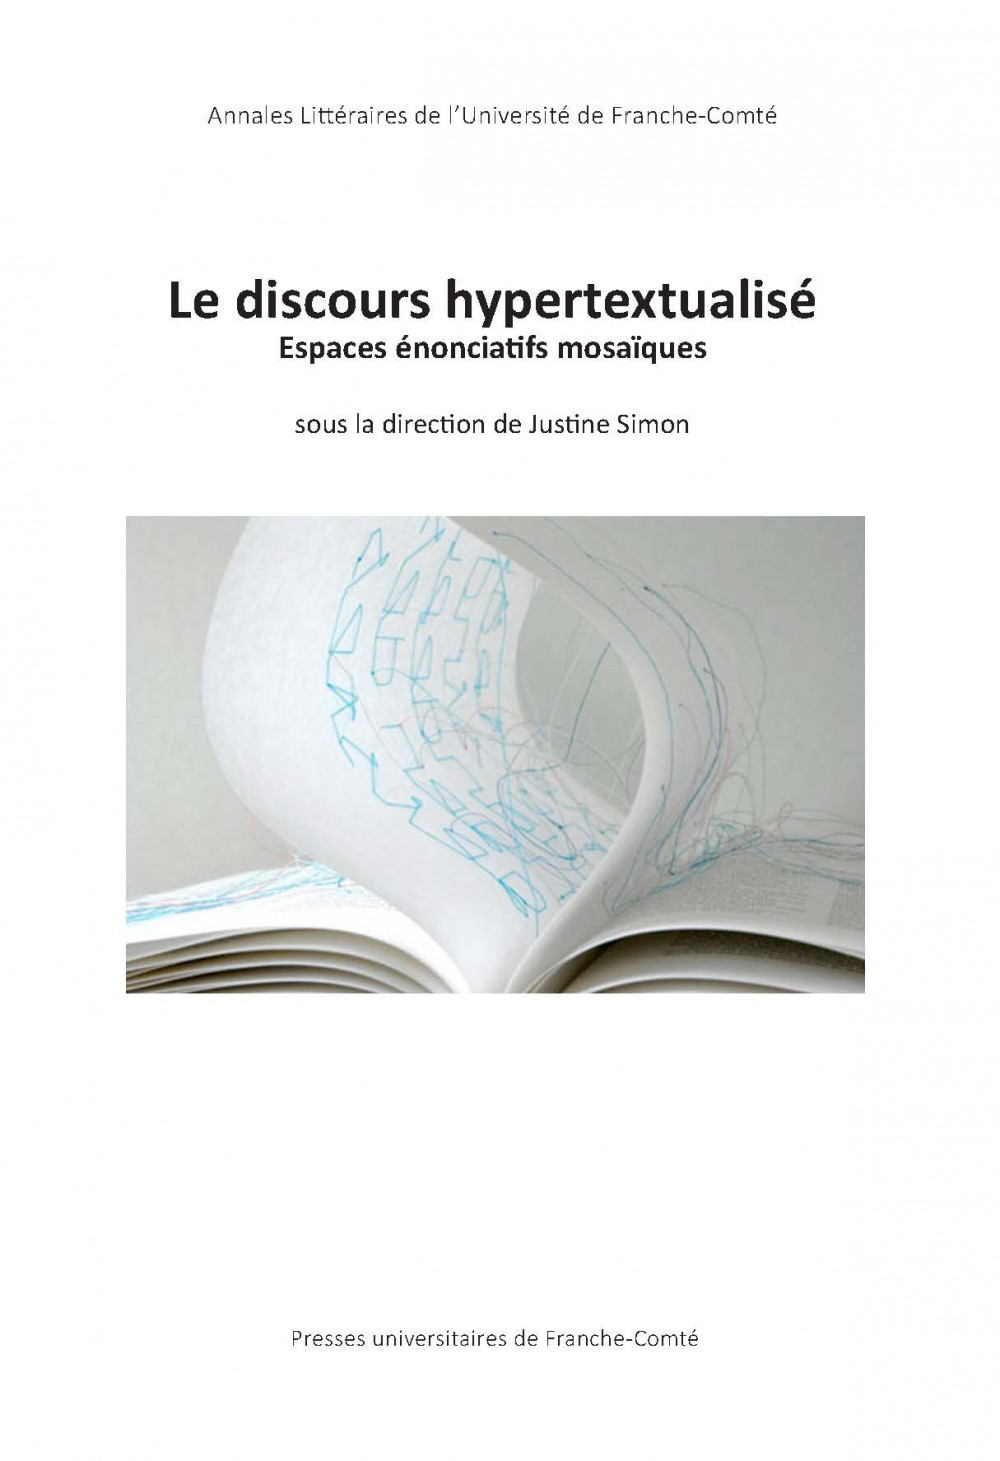 Le discours hypertextualisé